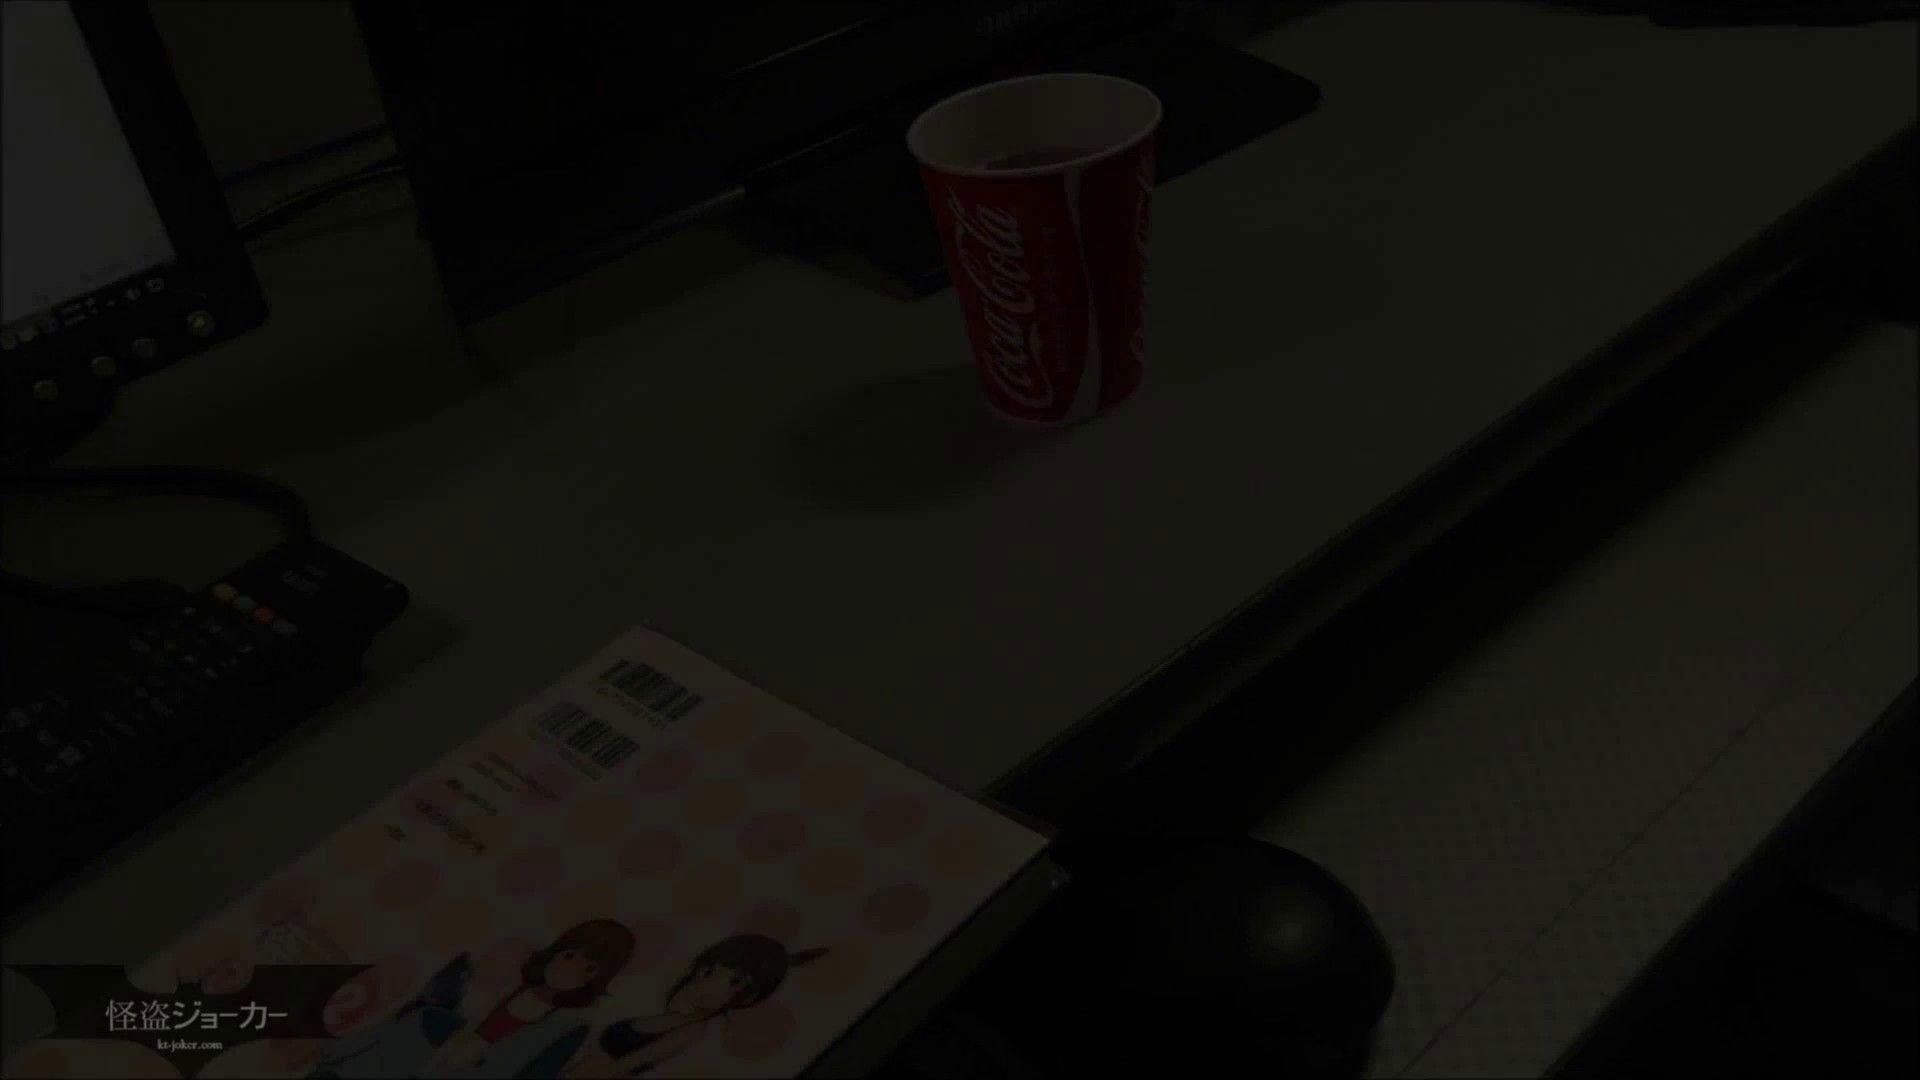 【未公開】vol.100 {5人の無警戒女たち}終電を逃した末路ww 爆乳 AV動画キャプチャ 93連発 89